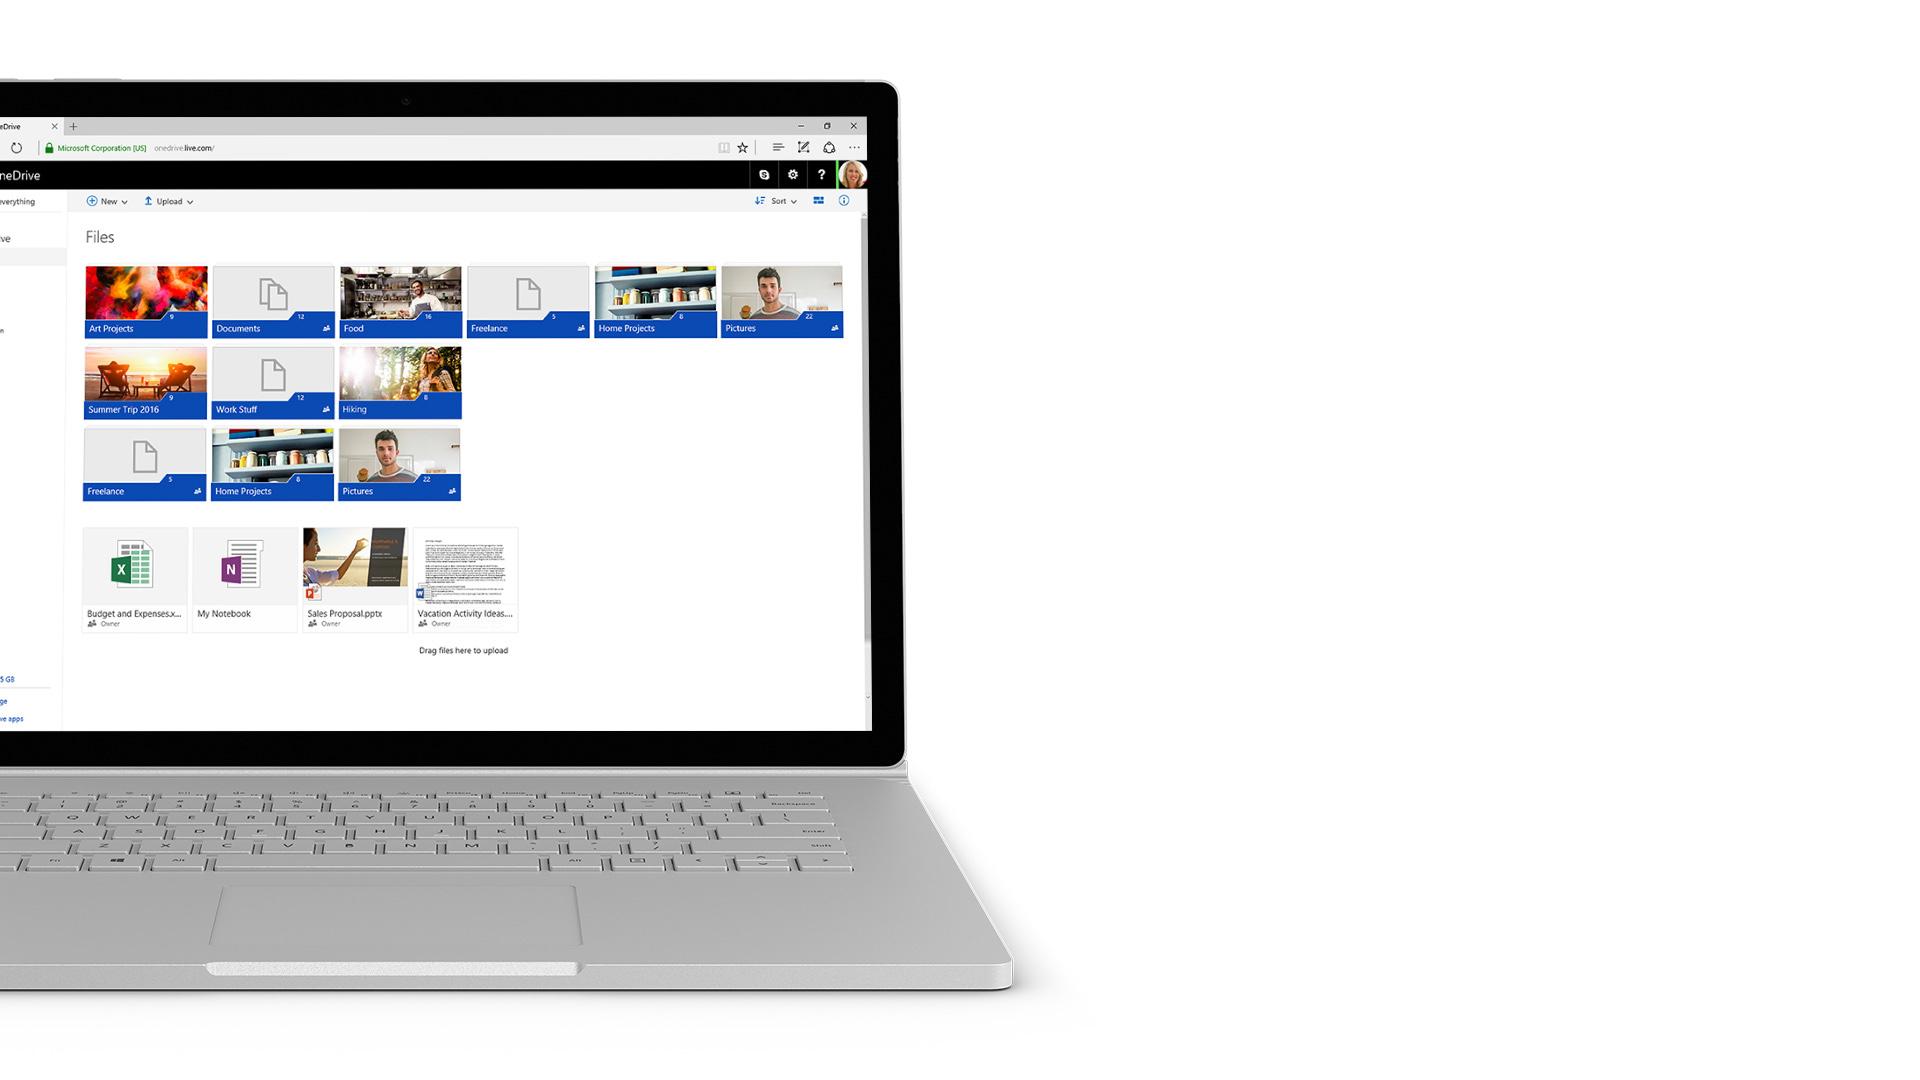 Zrzut ekranu dysku OneDrive na urządzeniu Surface.